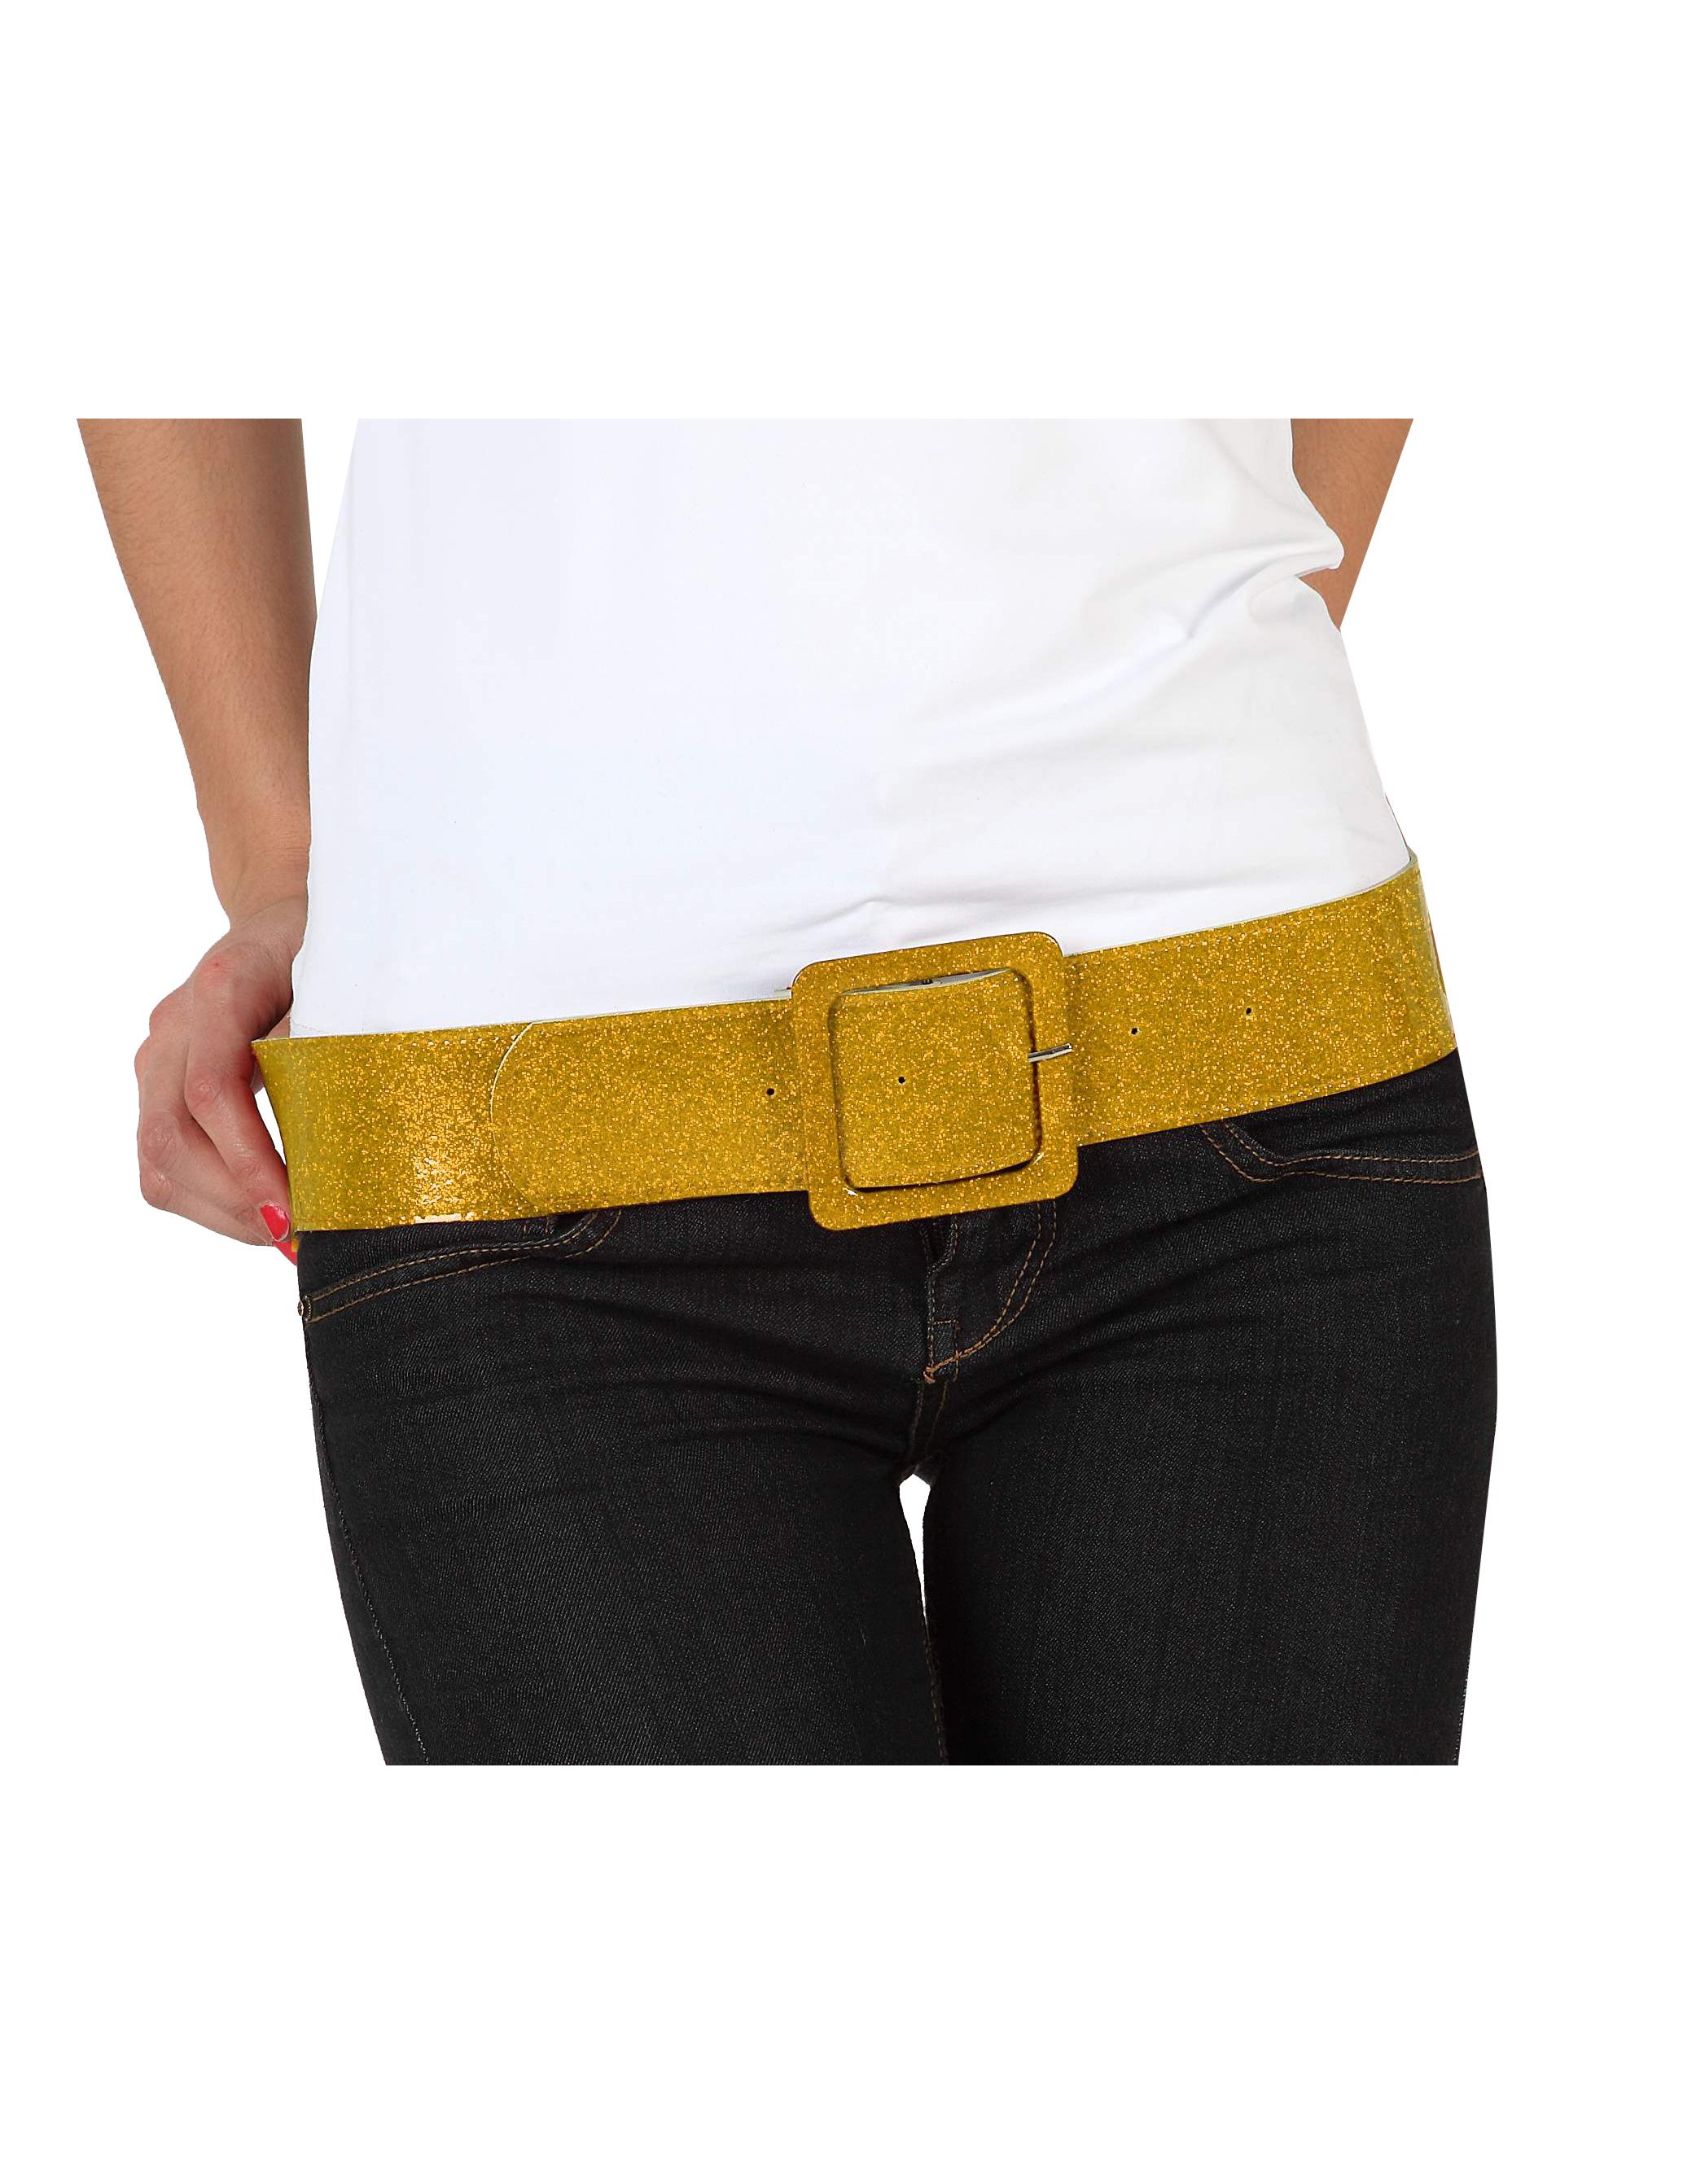 Cinturón dorado brillante para mujer  Accesorios ae27b07b3c6f